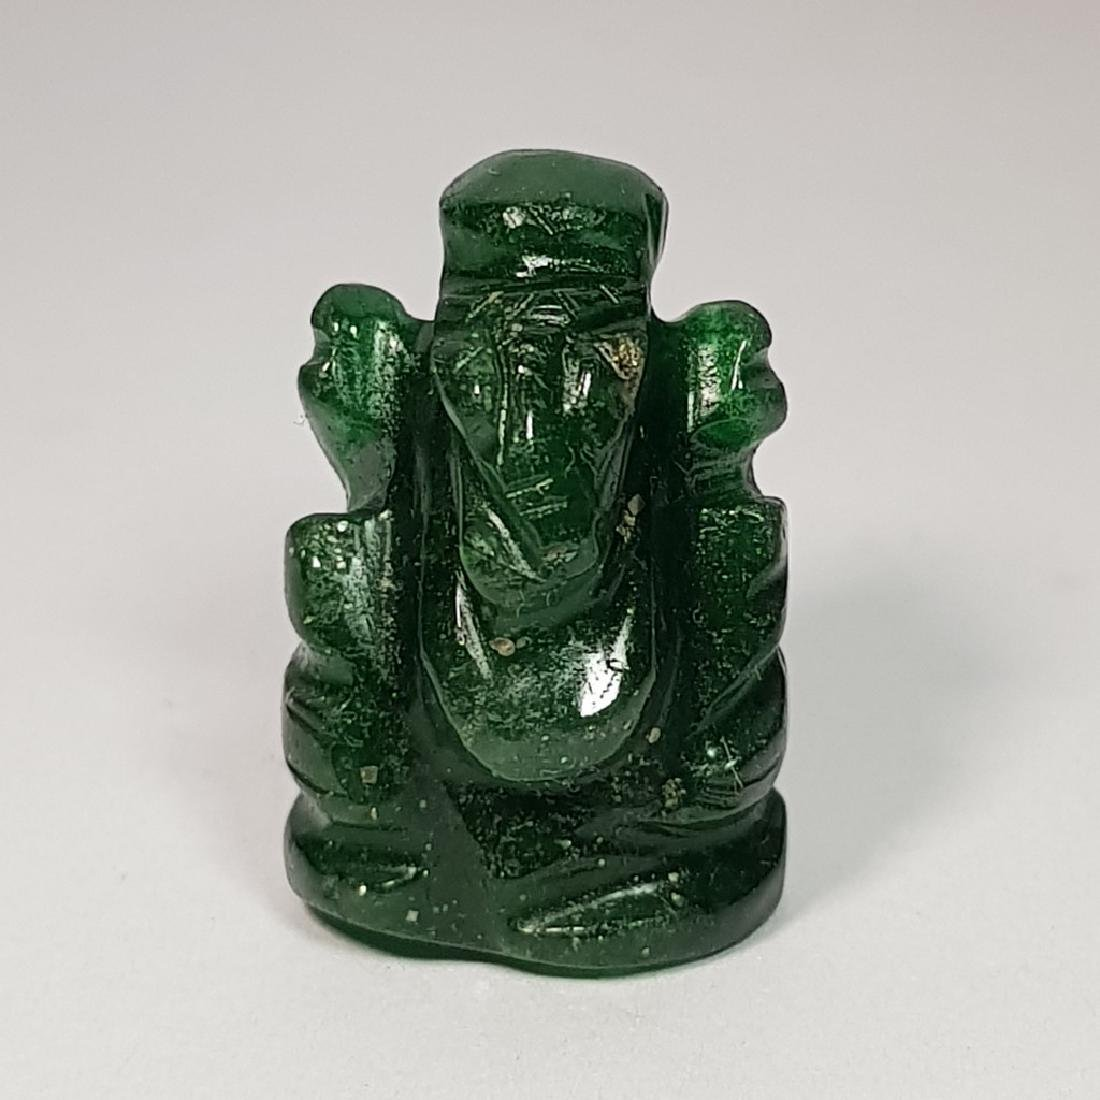 Jade Lord Ganesha Carving - 29.54 ct